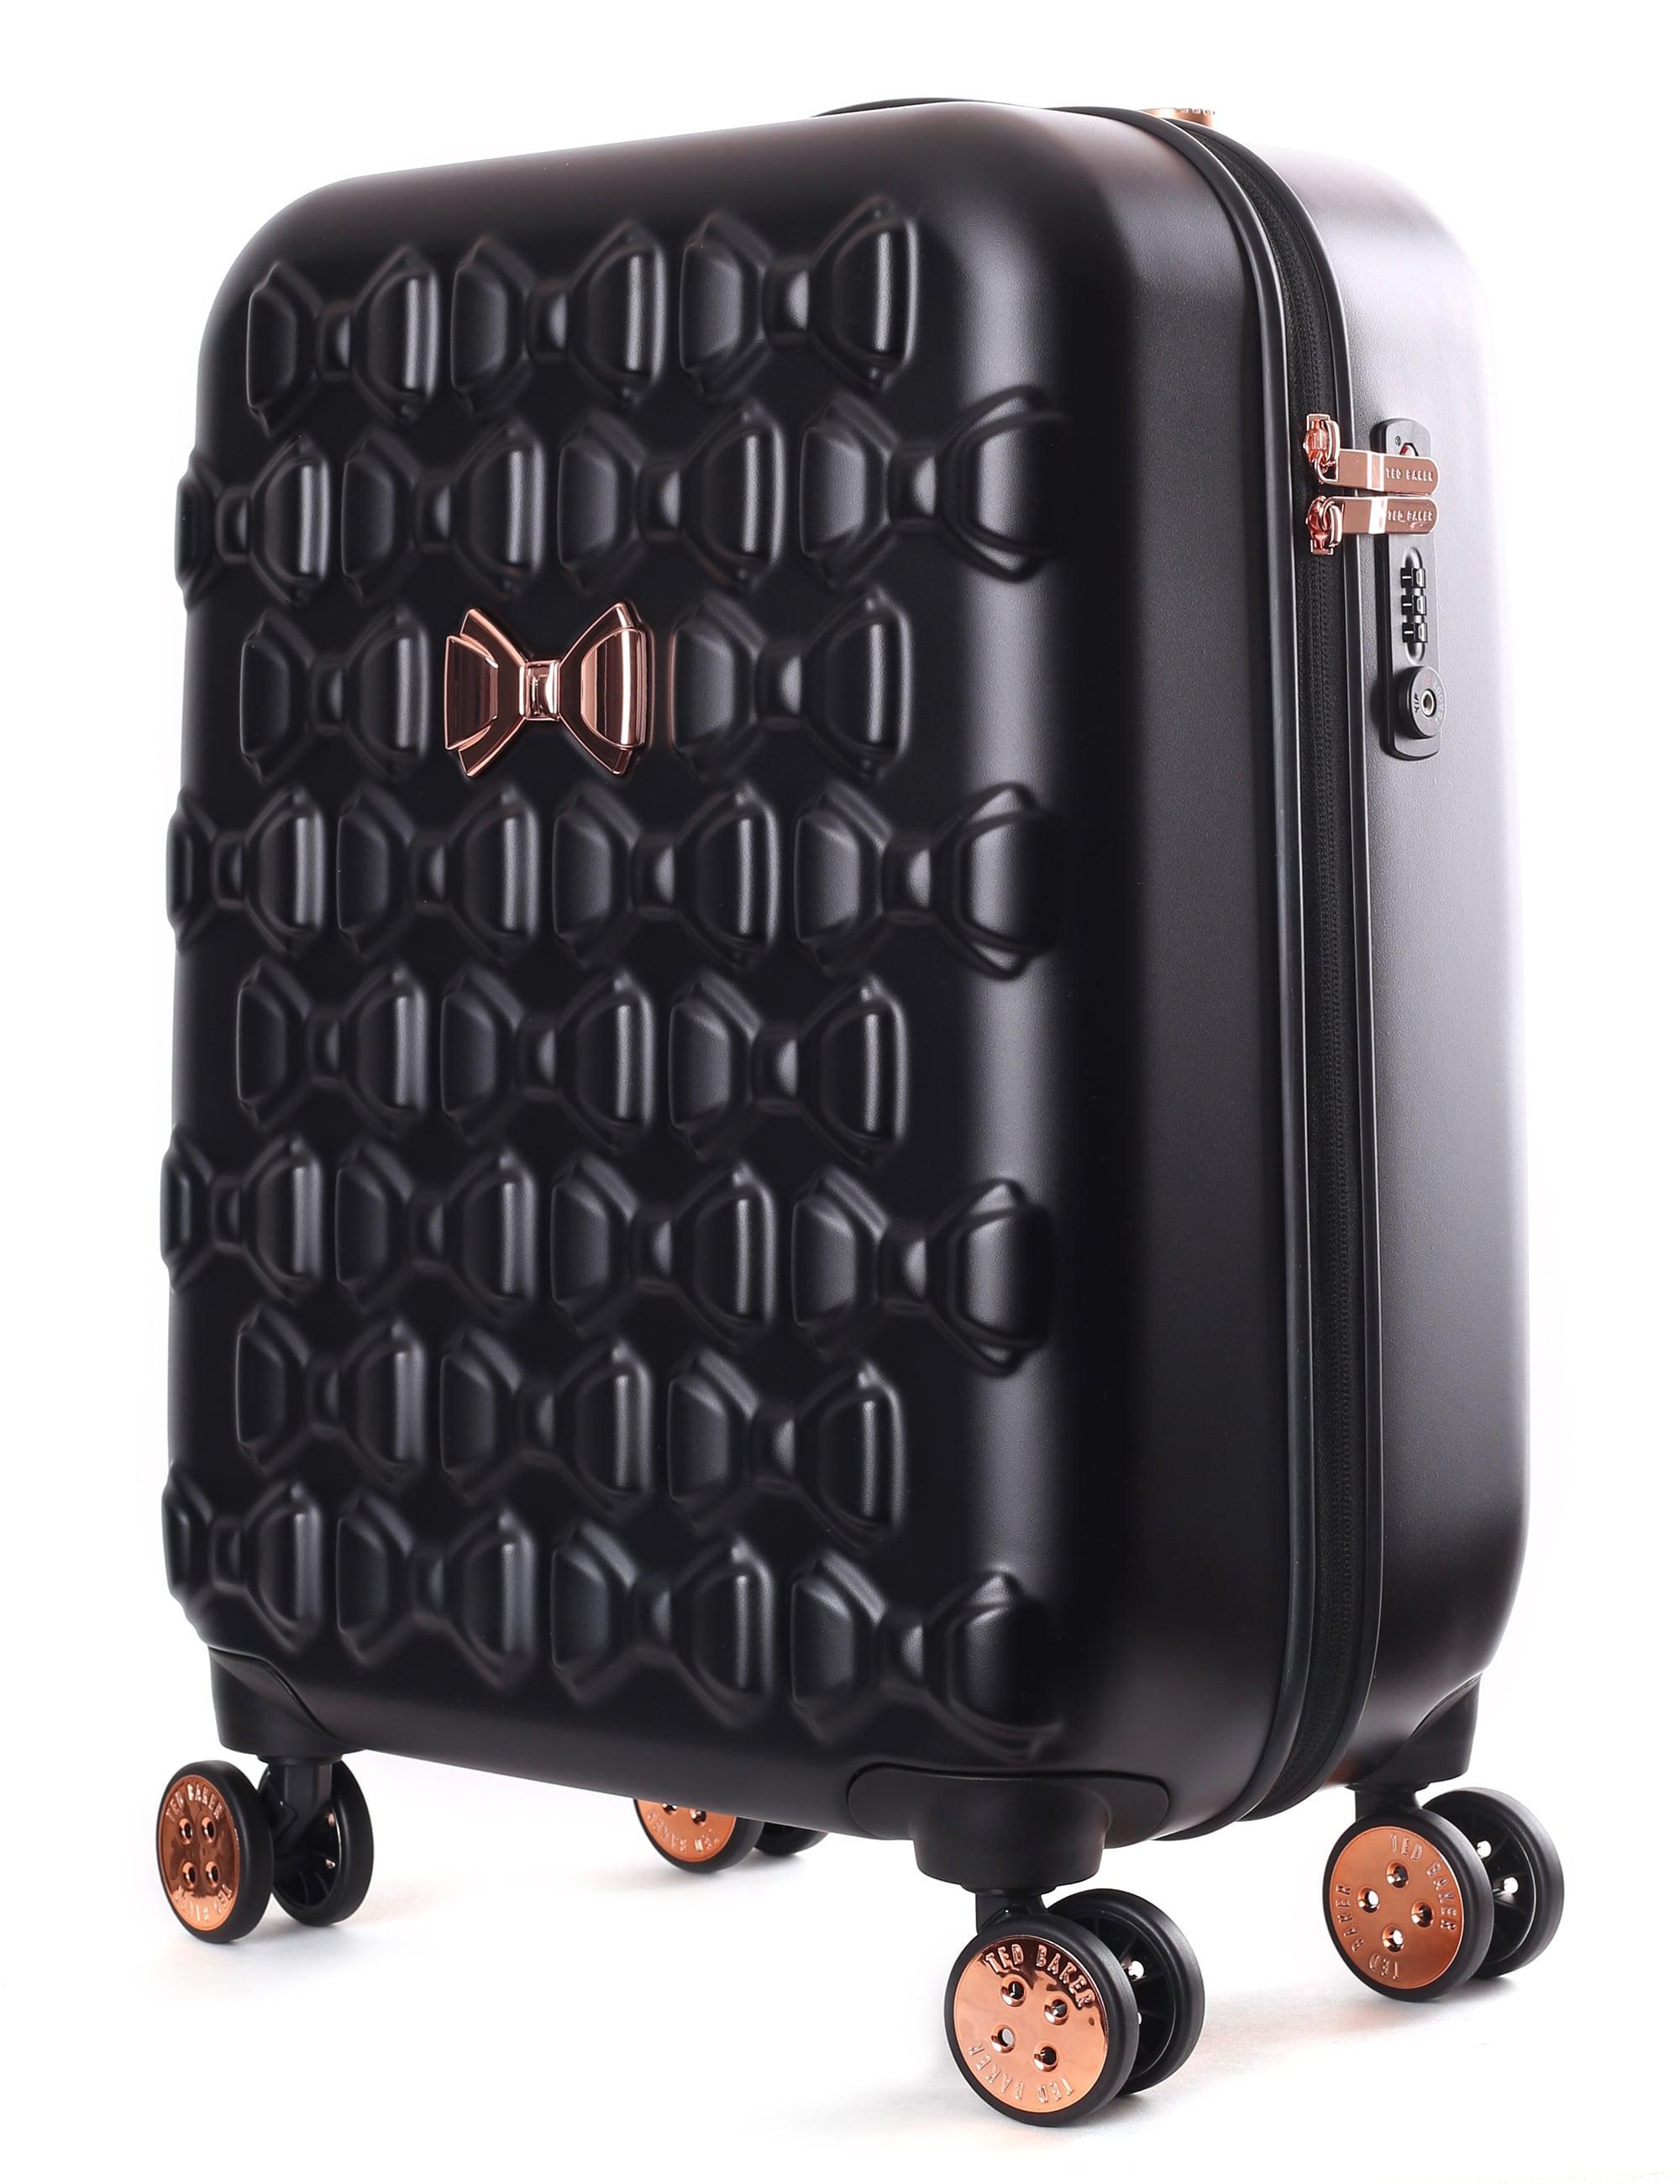 e41f2ac75a86b6 beaue womens moulded bow 4 wheel trolley crazy price ccfff bce2f -  xigubonews.com